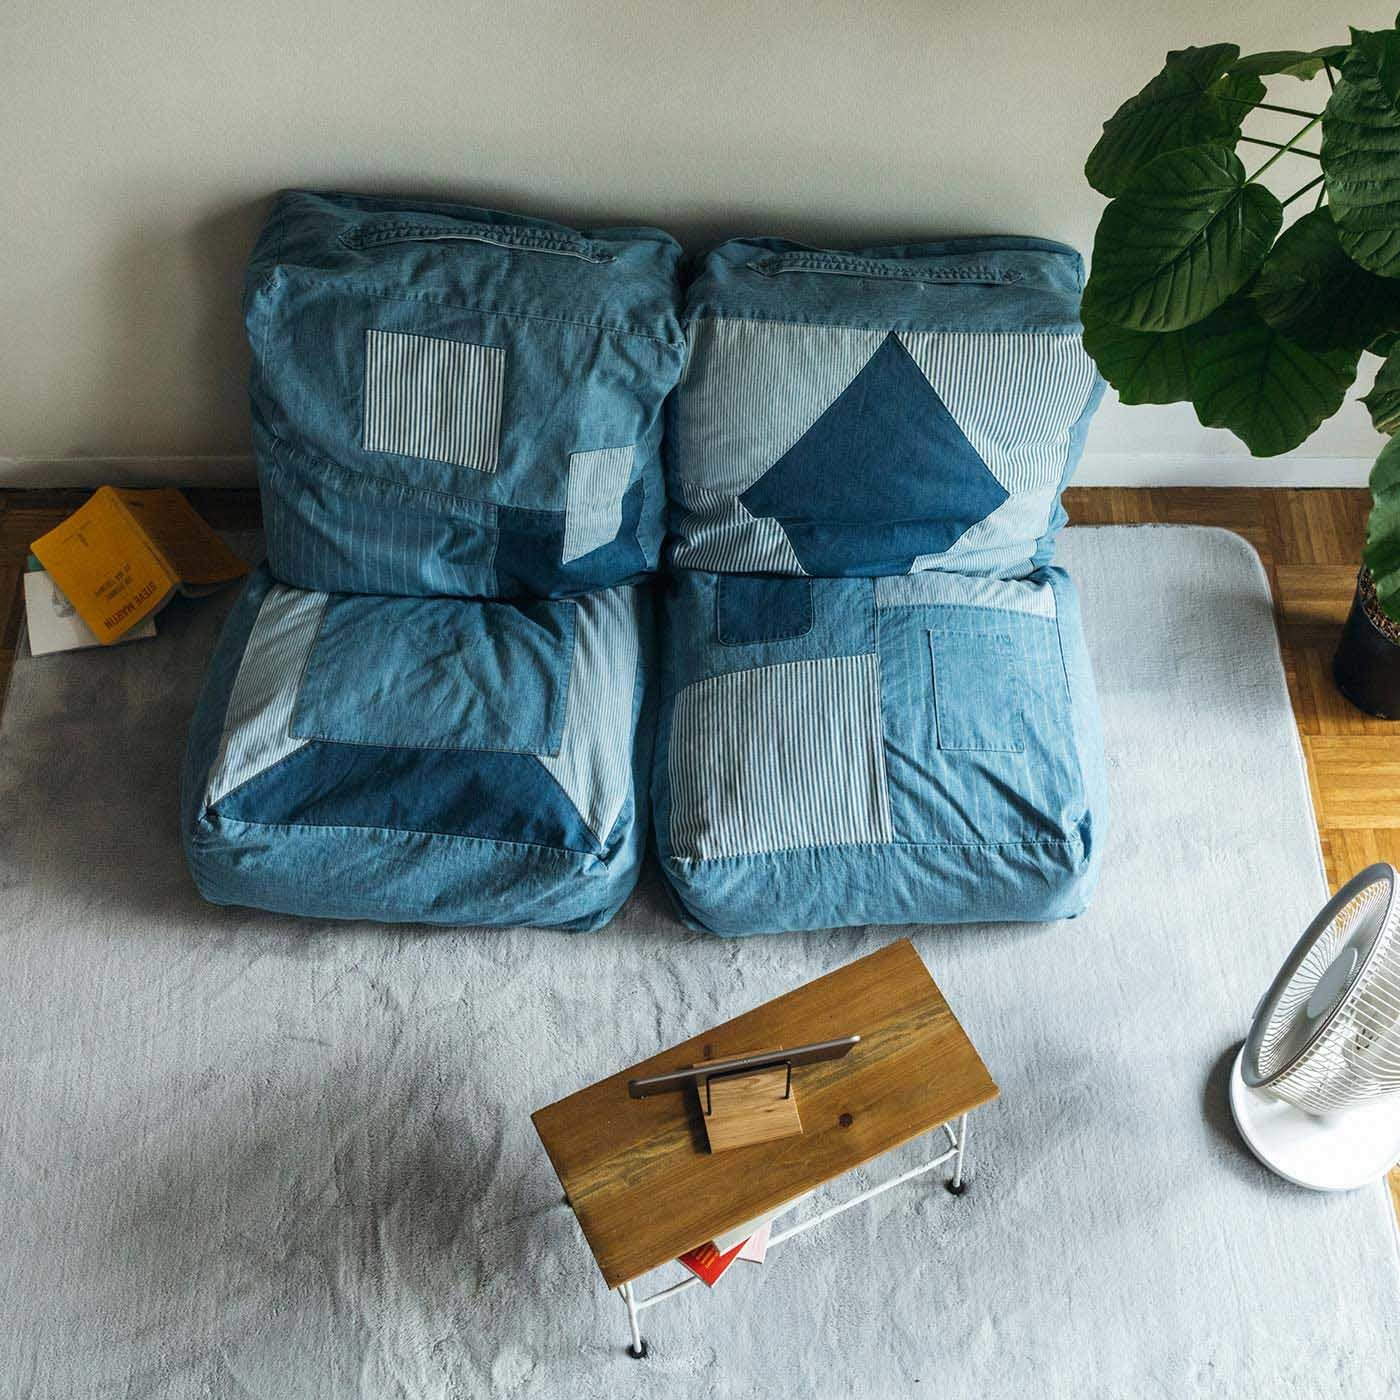 古着屋さんで見つけたような ユーズド加工のくたくた収納デニムザブトンの会